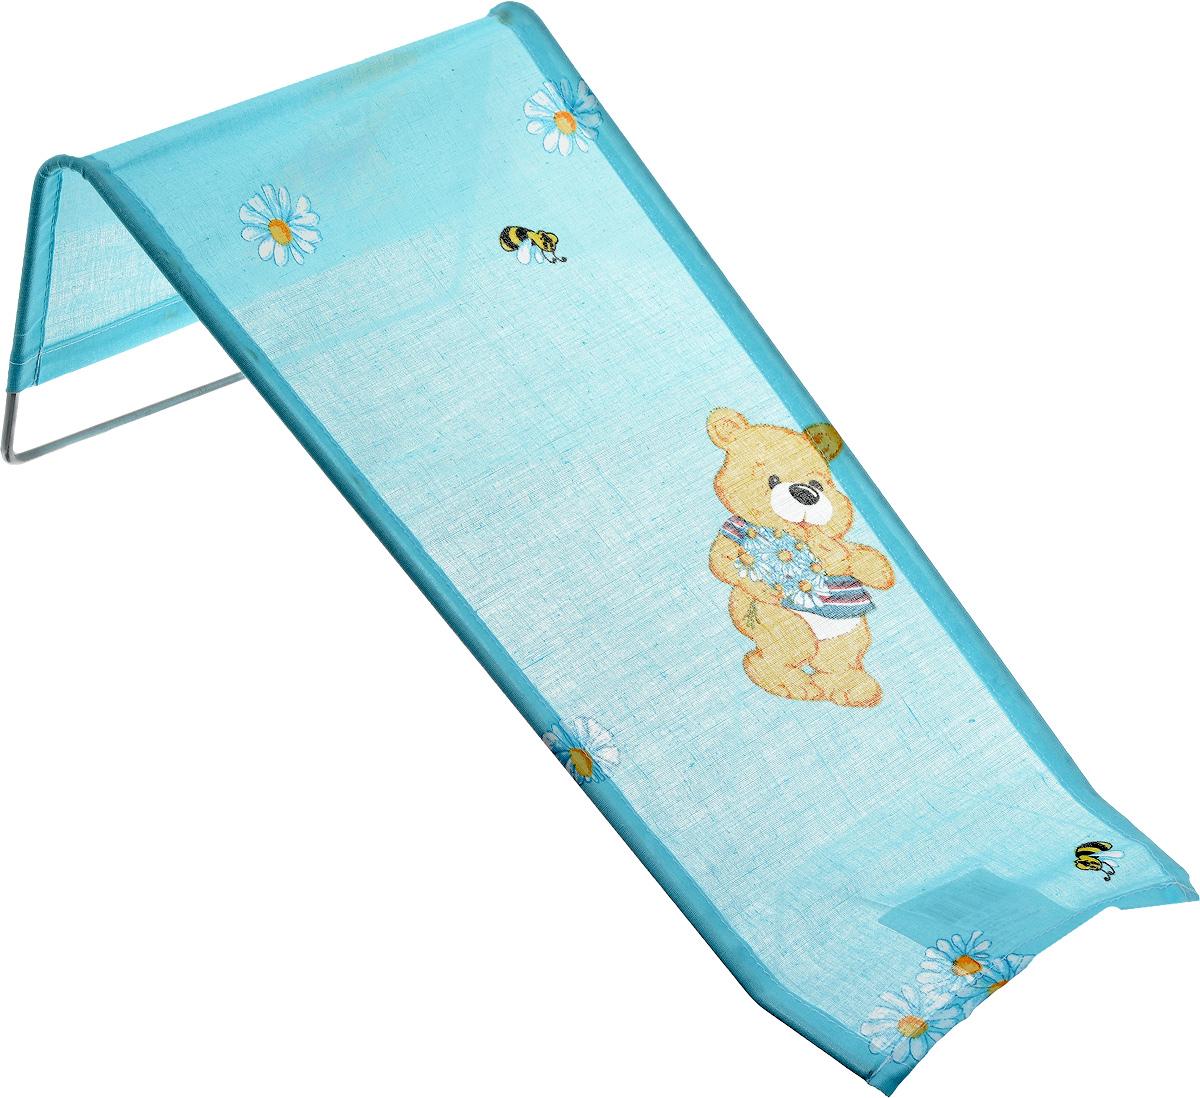 Фея Подставка для купания Мишки и ромашки1332-01_голубой, желтый, красныйПодставка для купания Фея Мишки и ромашки - это удобный способ мытья и прекрасная возможность побаловать вашего малыша. Эргономичный дизайн подставки разработан специально для комфорта и безопасности вашего ребенка. Основу подставки составляет металлический каркас, обтянутый тканью. Подарите своему малышу радость и комфорт во время купания! Подставка предназначена для купания детей в возрасте до 1 года. Фея - это качественные и надежные товары для малышей, которые может позволить себе каждая семья! Правила ухода за чехлом: после использования хорошо просушить. Запрещается использование моющих средств содержащих щелочь.